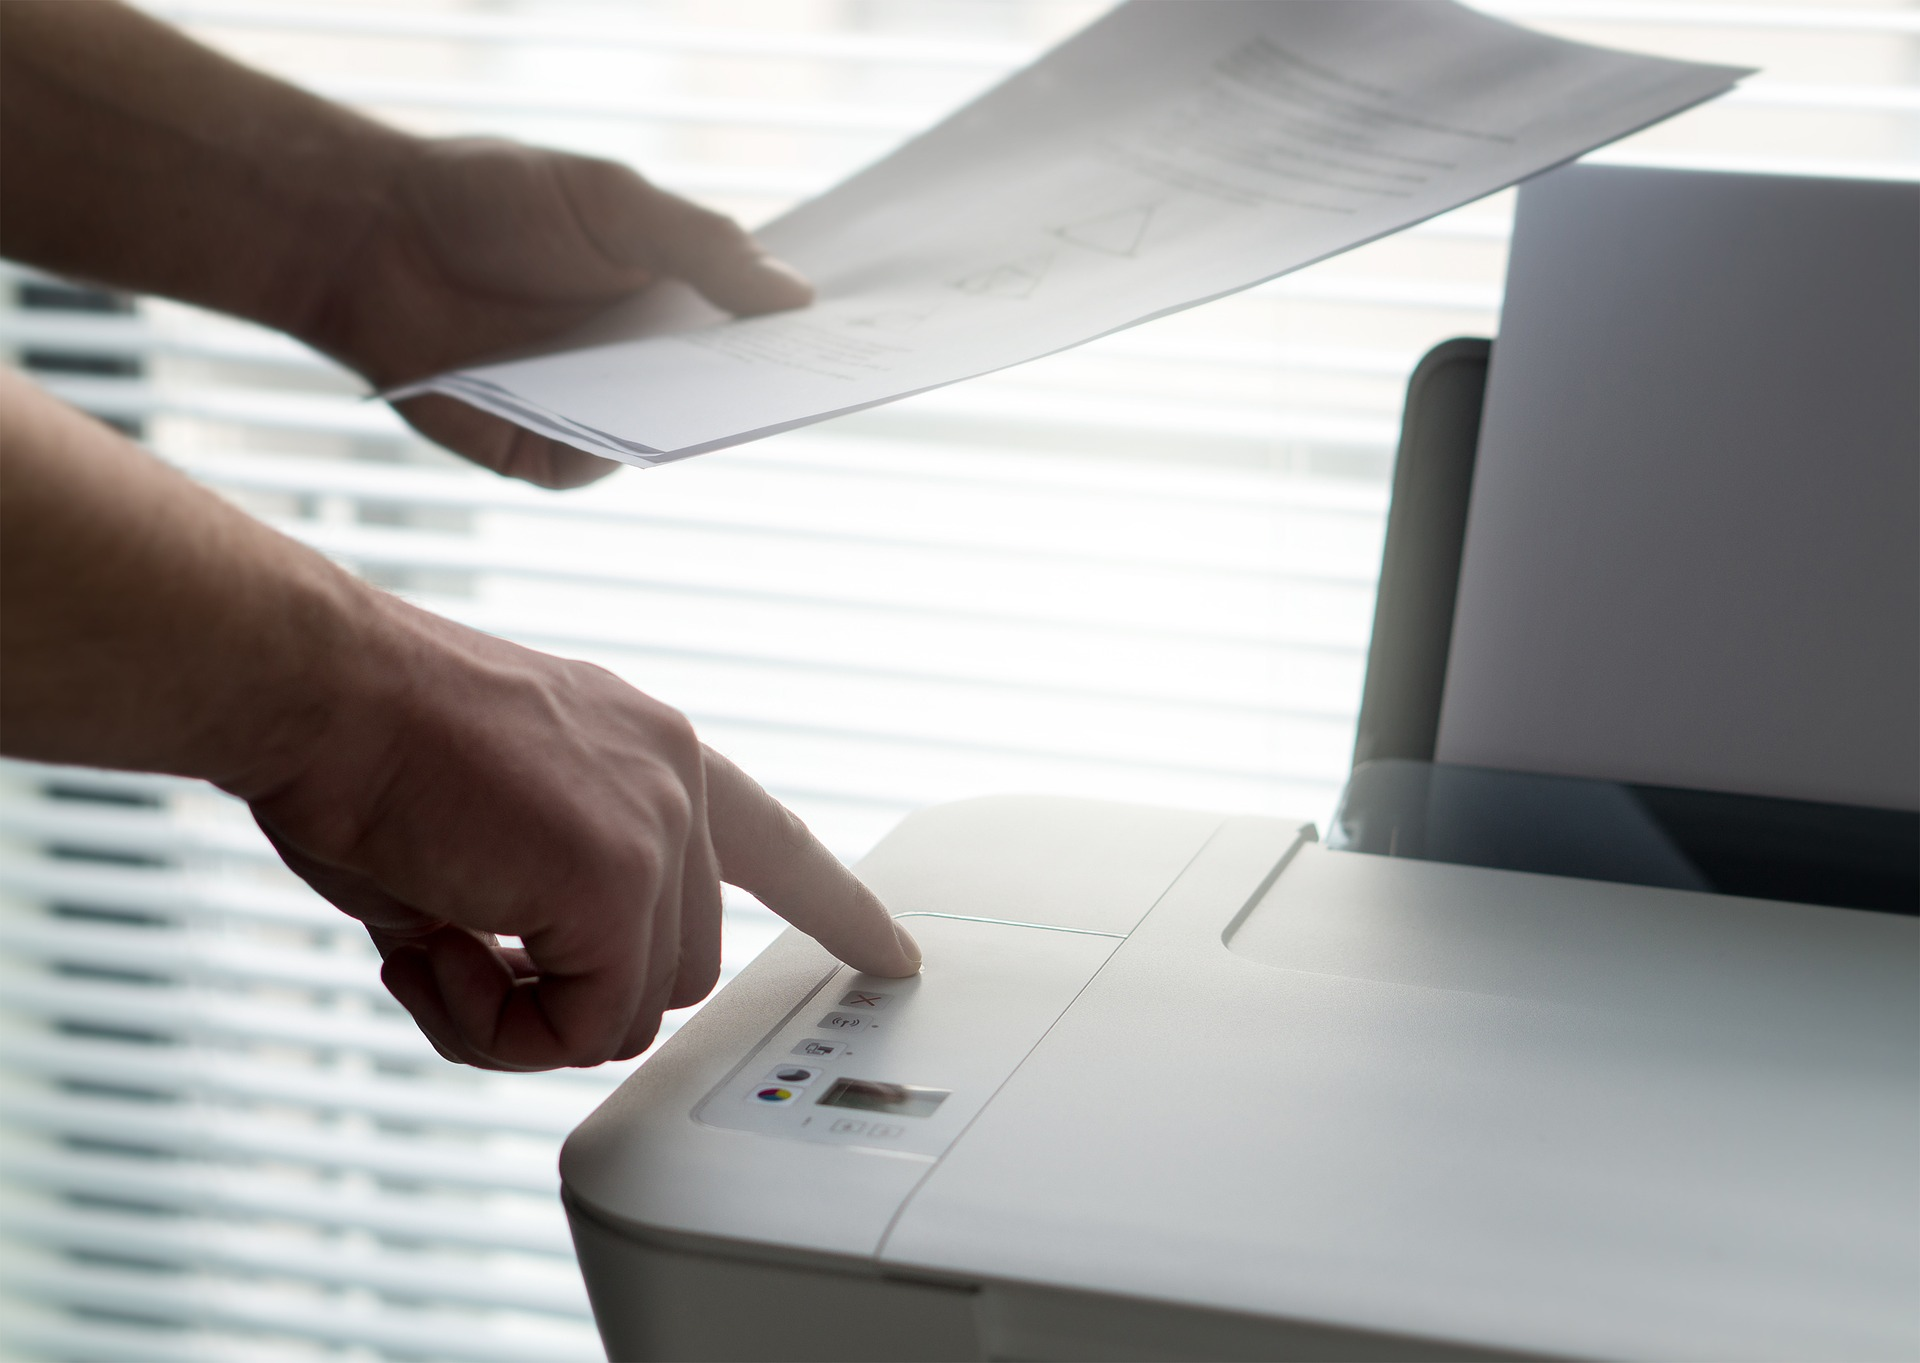 «Ростелеком» организовал в «РЖД Интернешнл» управление печатью